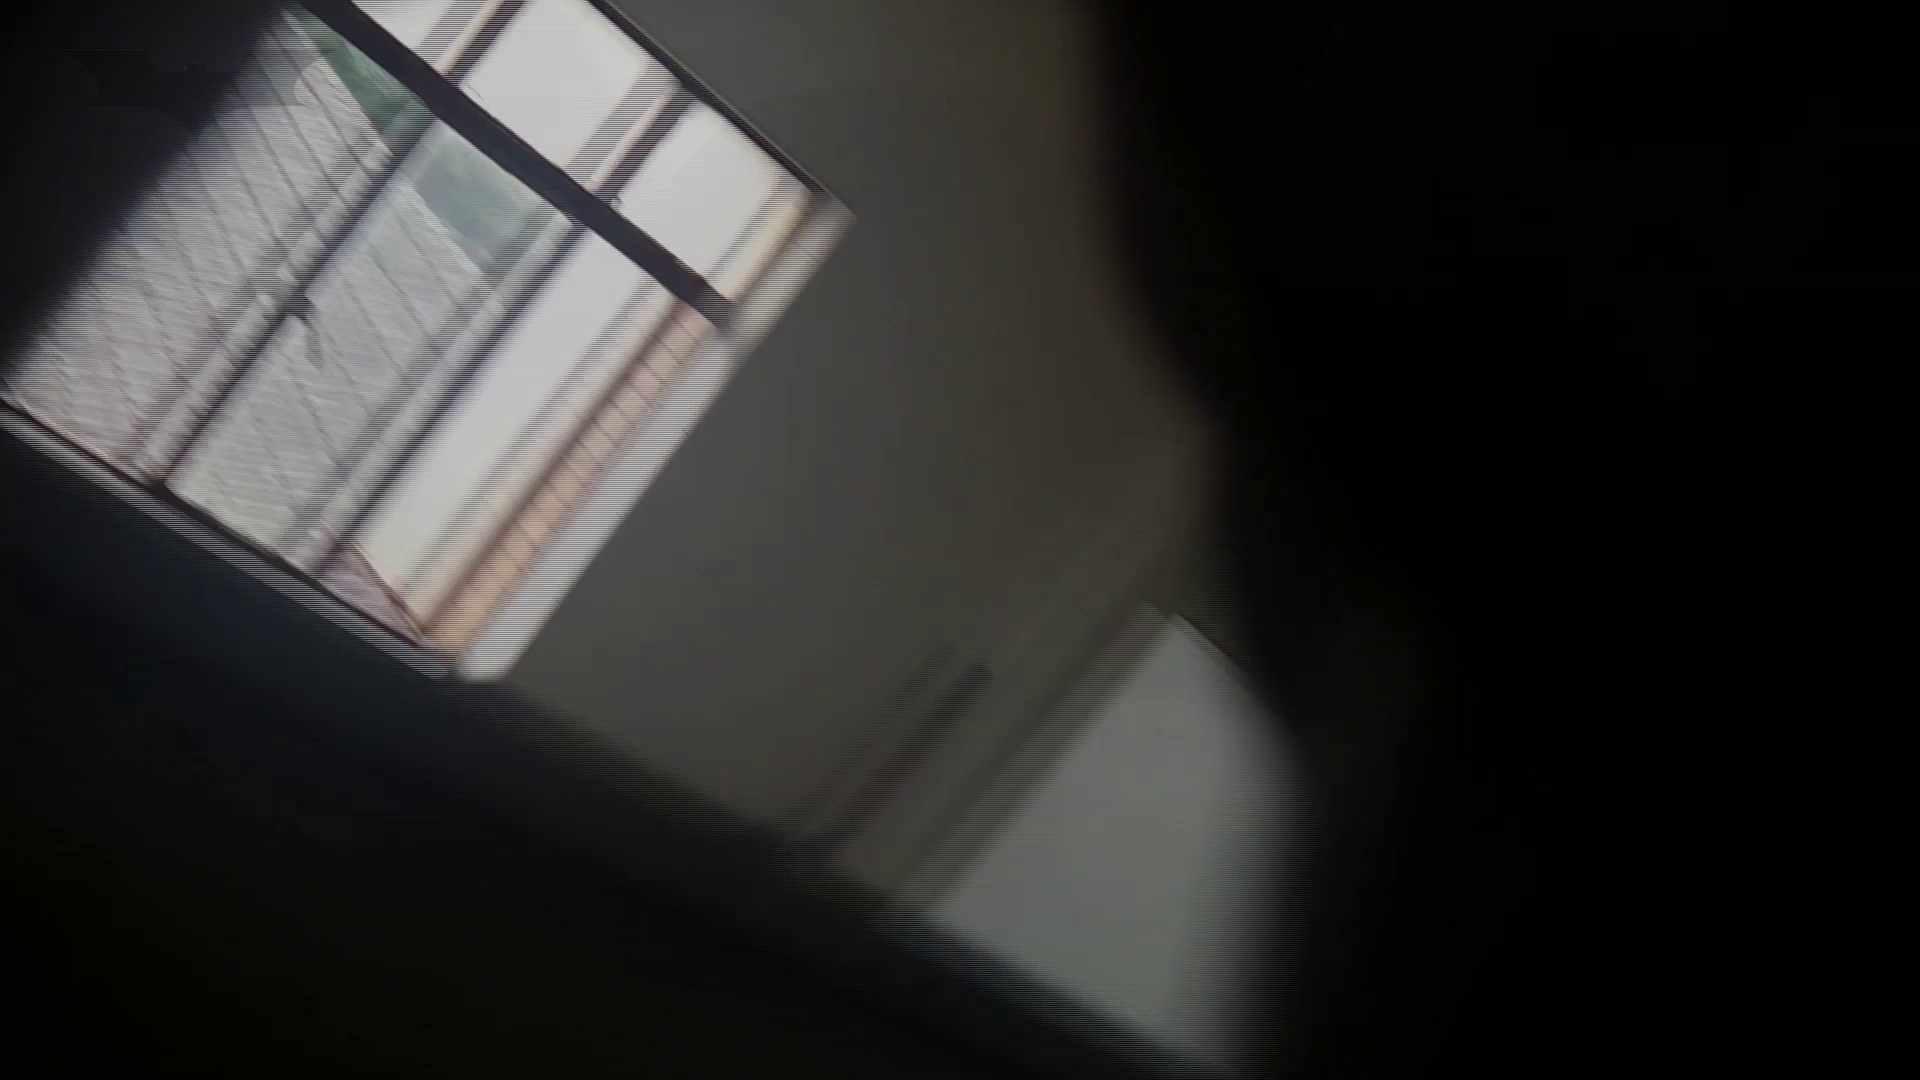 潜入!!台湾名門女学院 Vol.04 二ケツ同時撮り!! 美女 ヌード画像 101枚 44